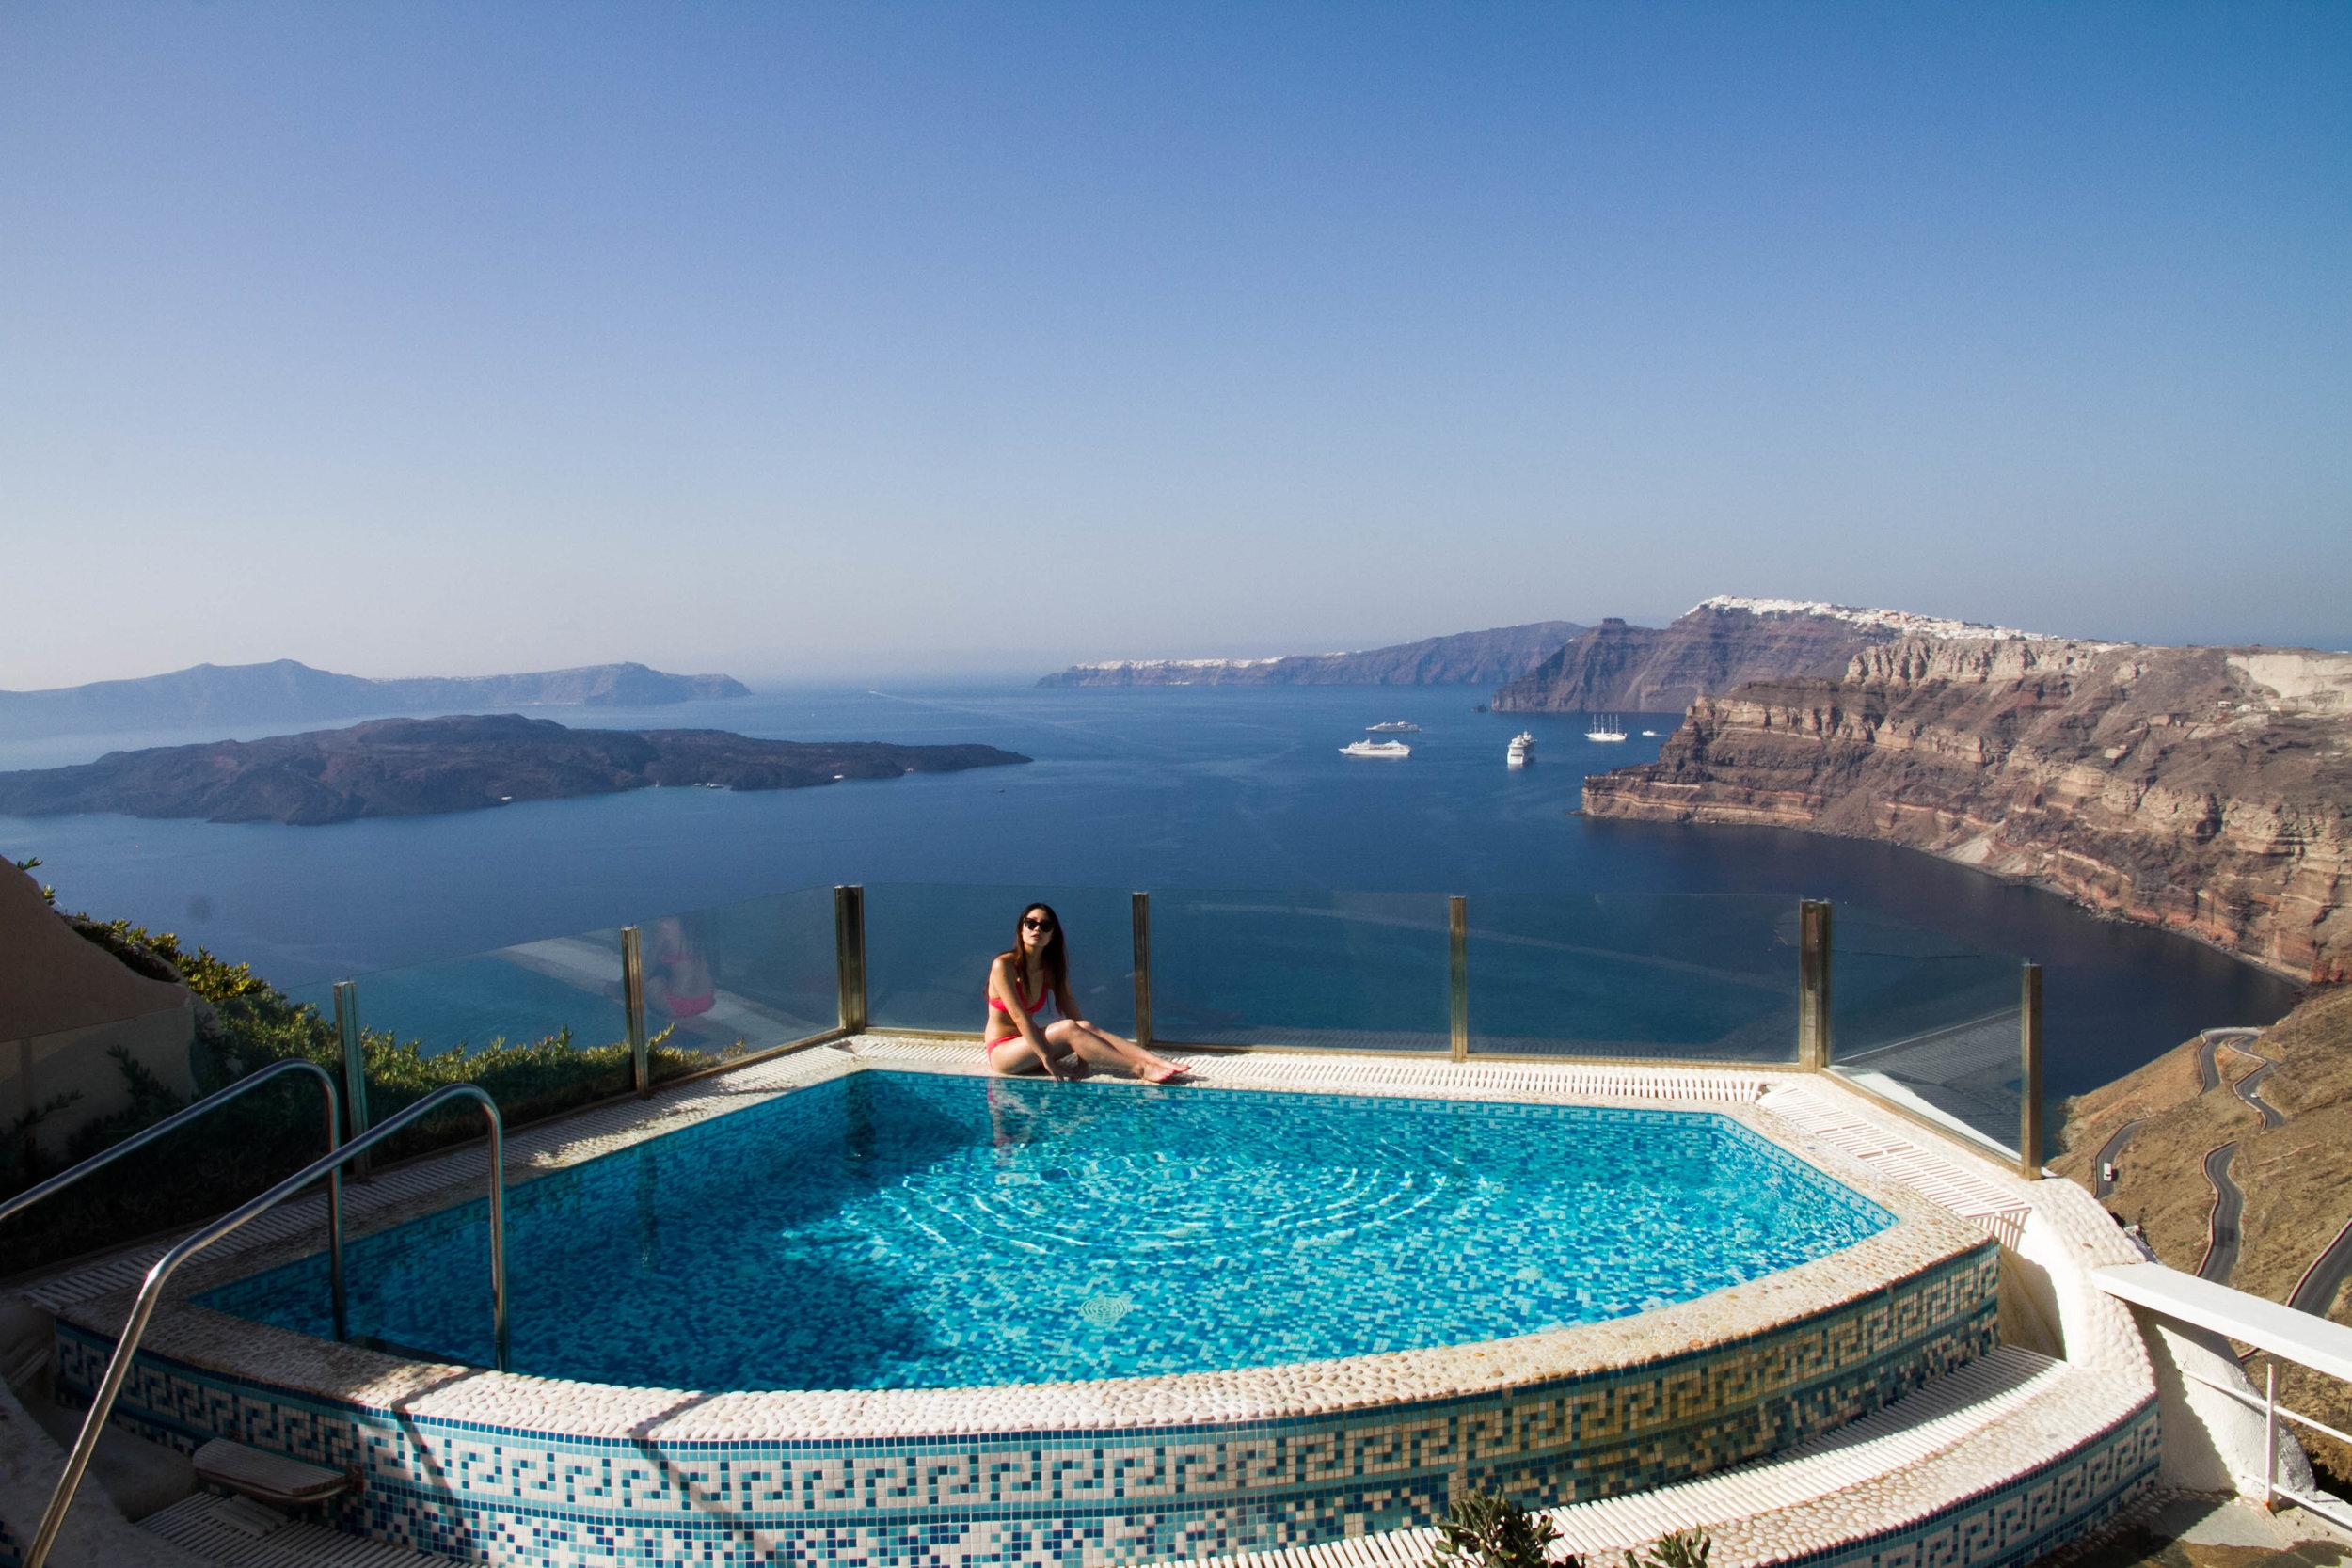 santorini swimming pool view